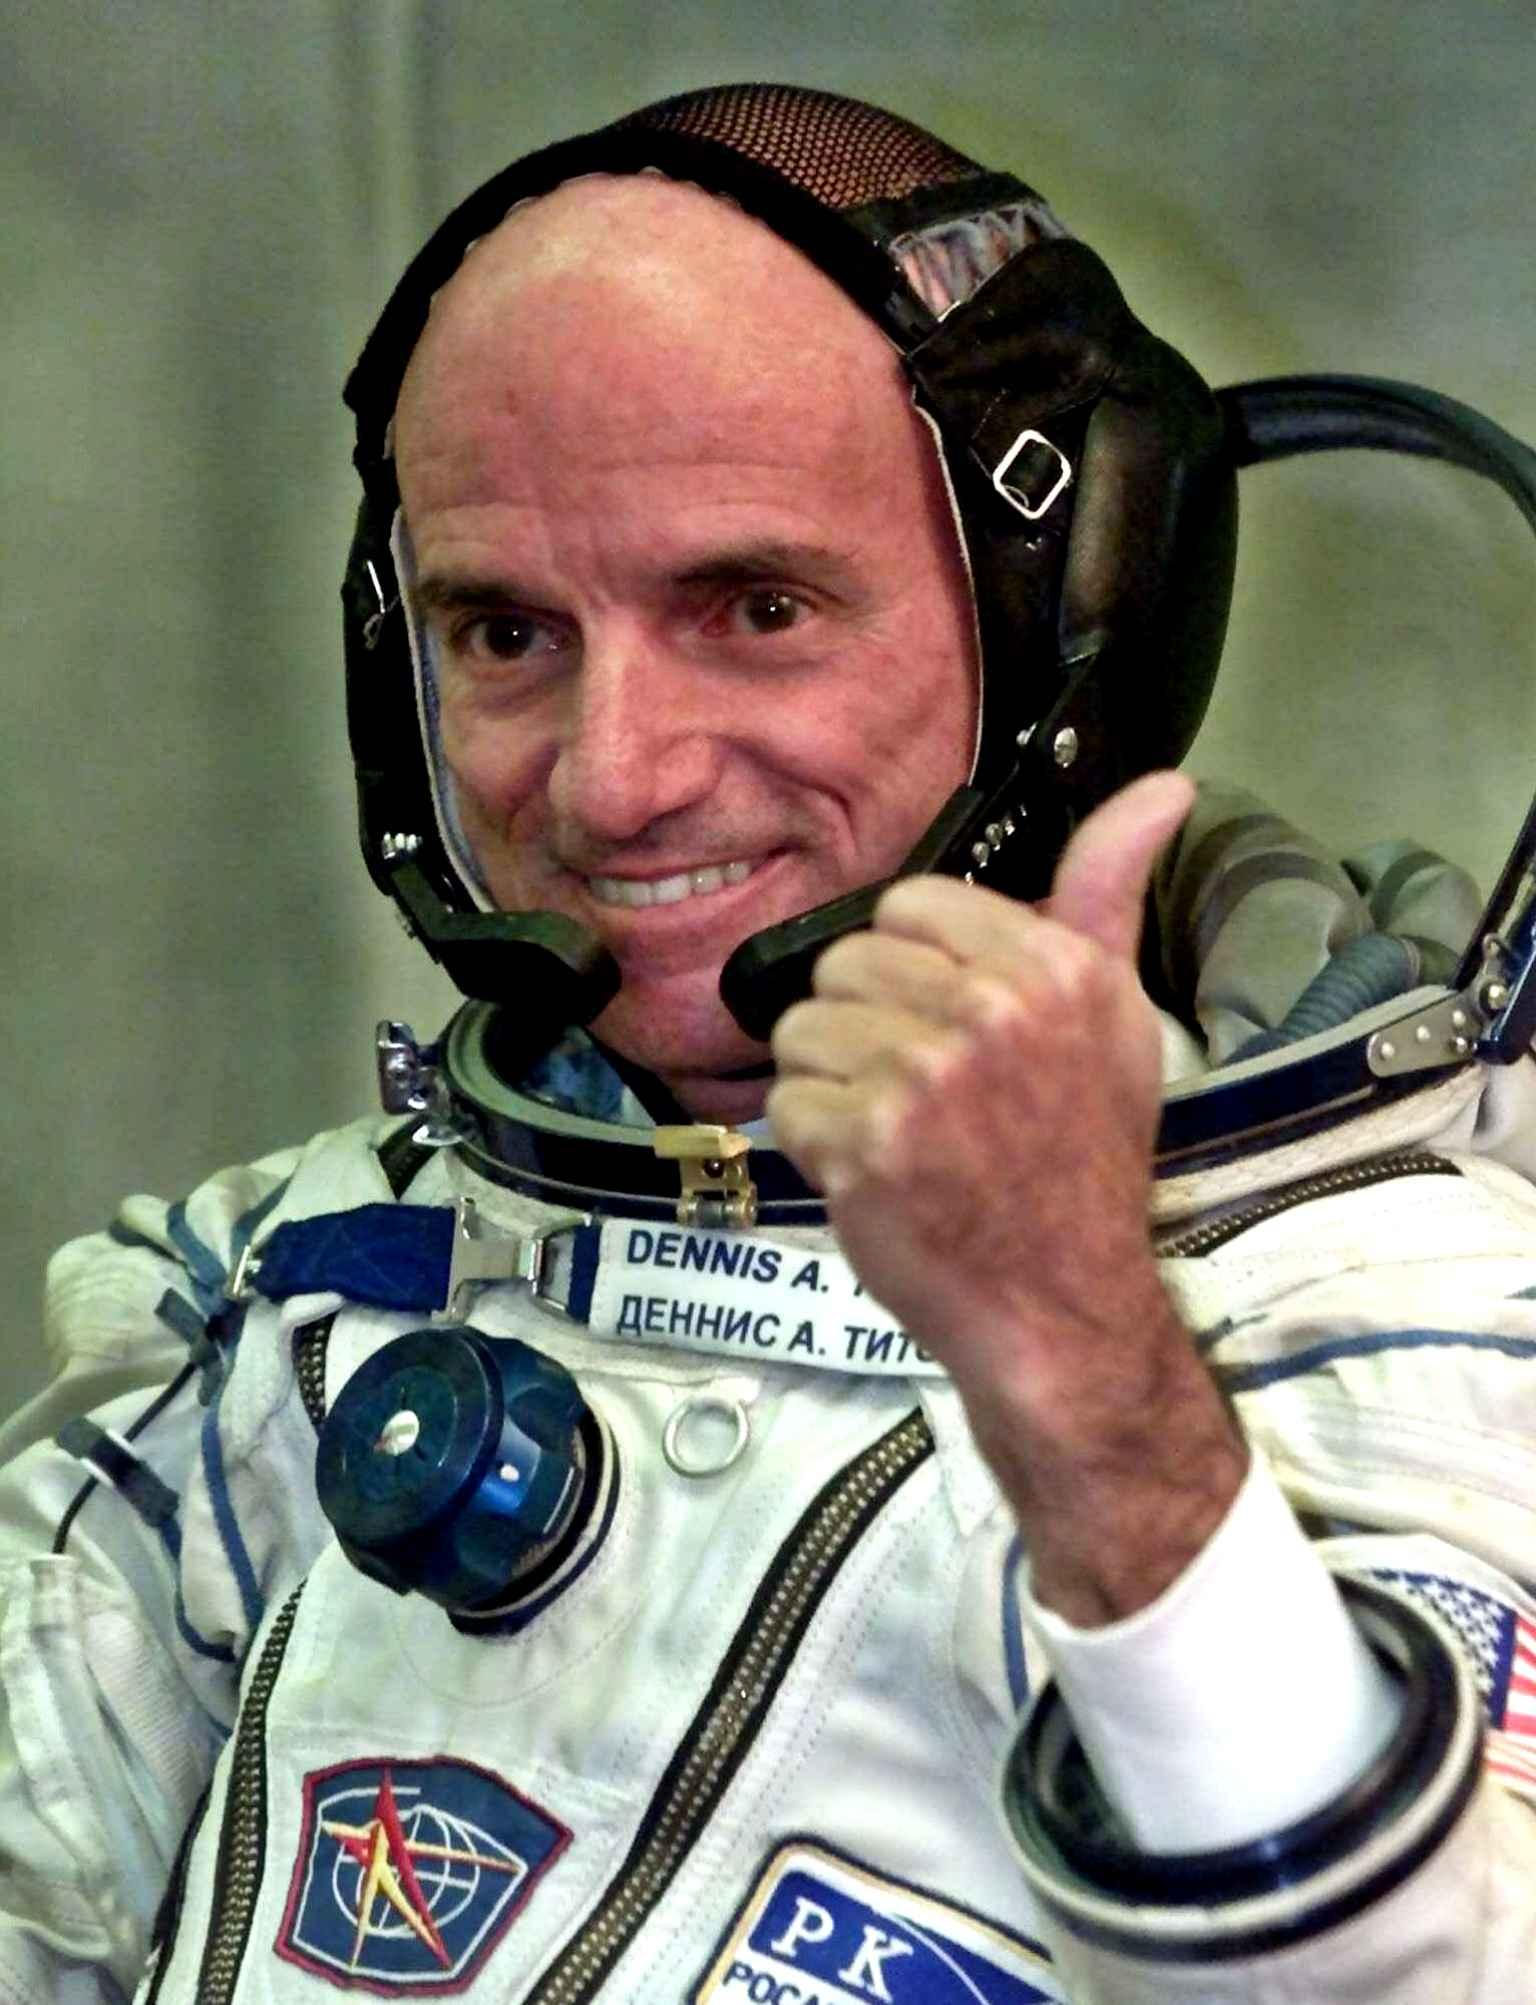 #UzayGerçekleri: Uzaydaki ilk #turist olan Dennis Tito, 2001'de Uluslararası #Uzay İstasyonu'na gitti ve orada bir hafta geçirdi. https://t.co/dU8cprcmEb